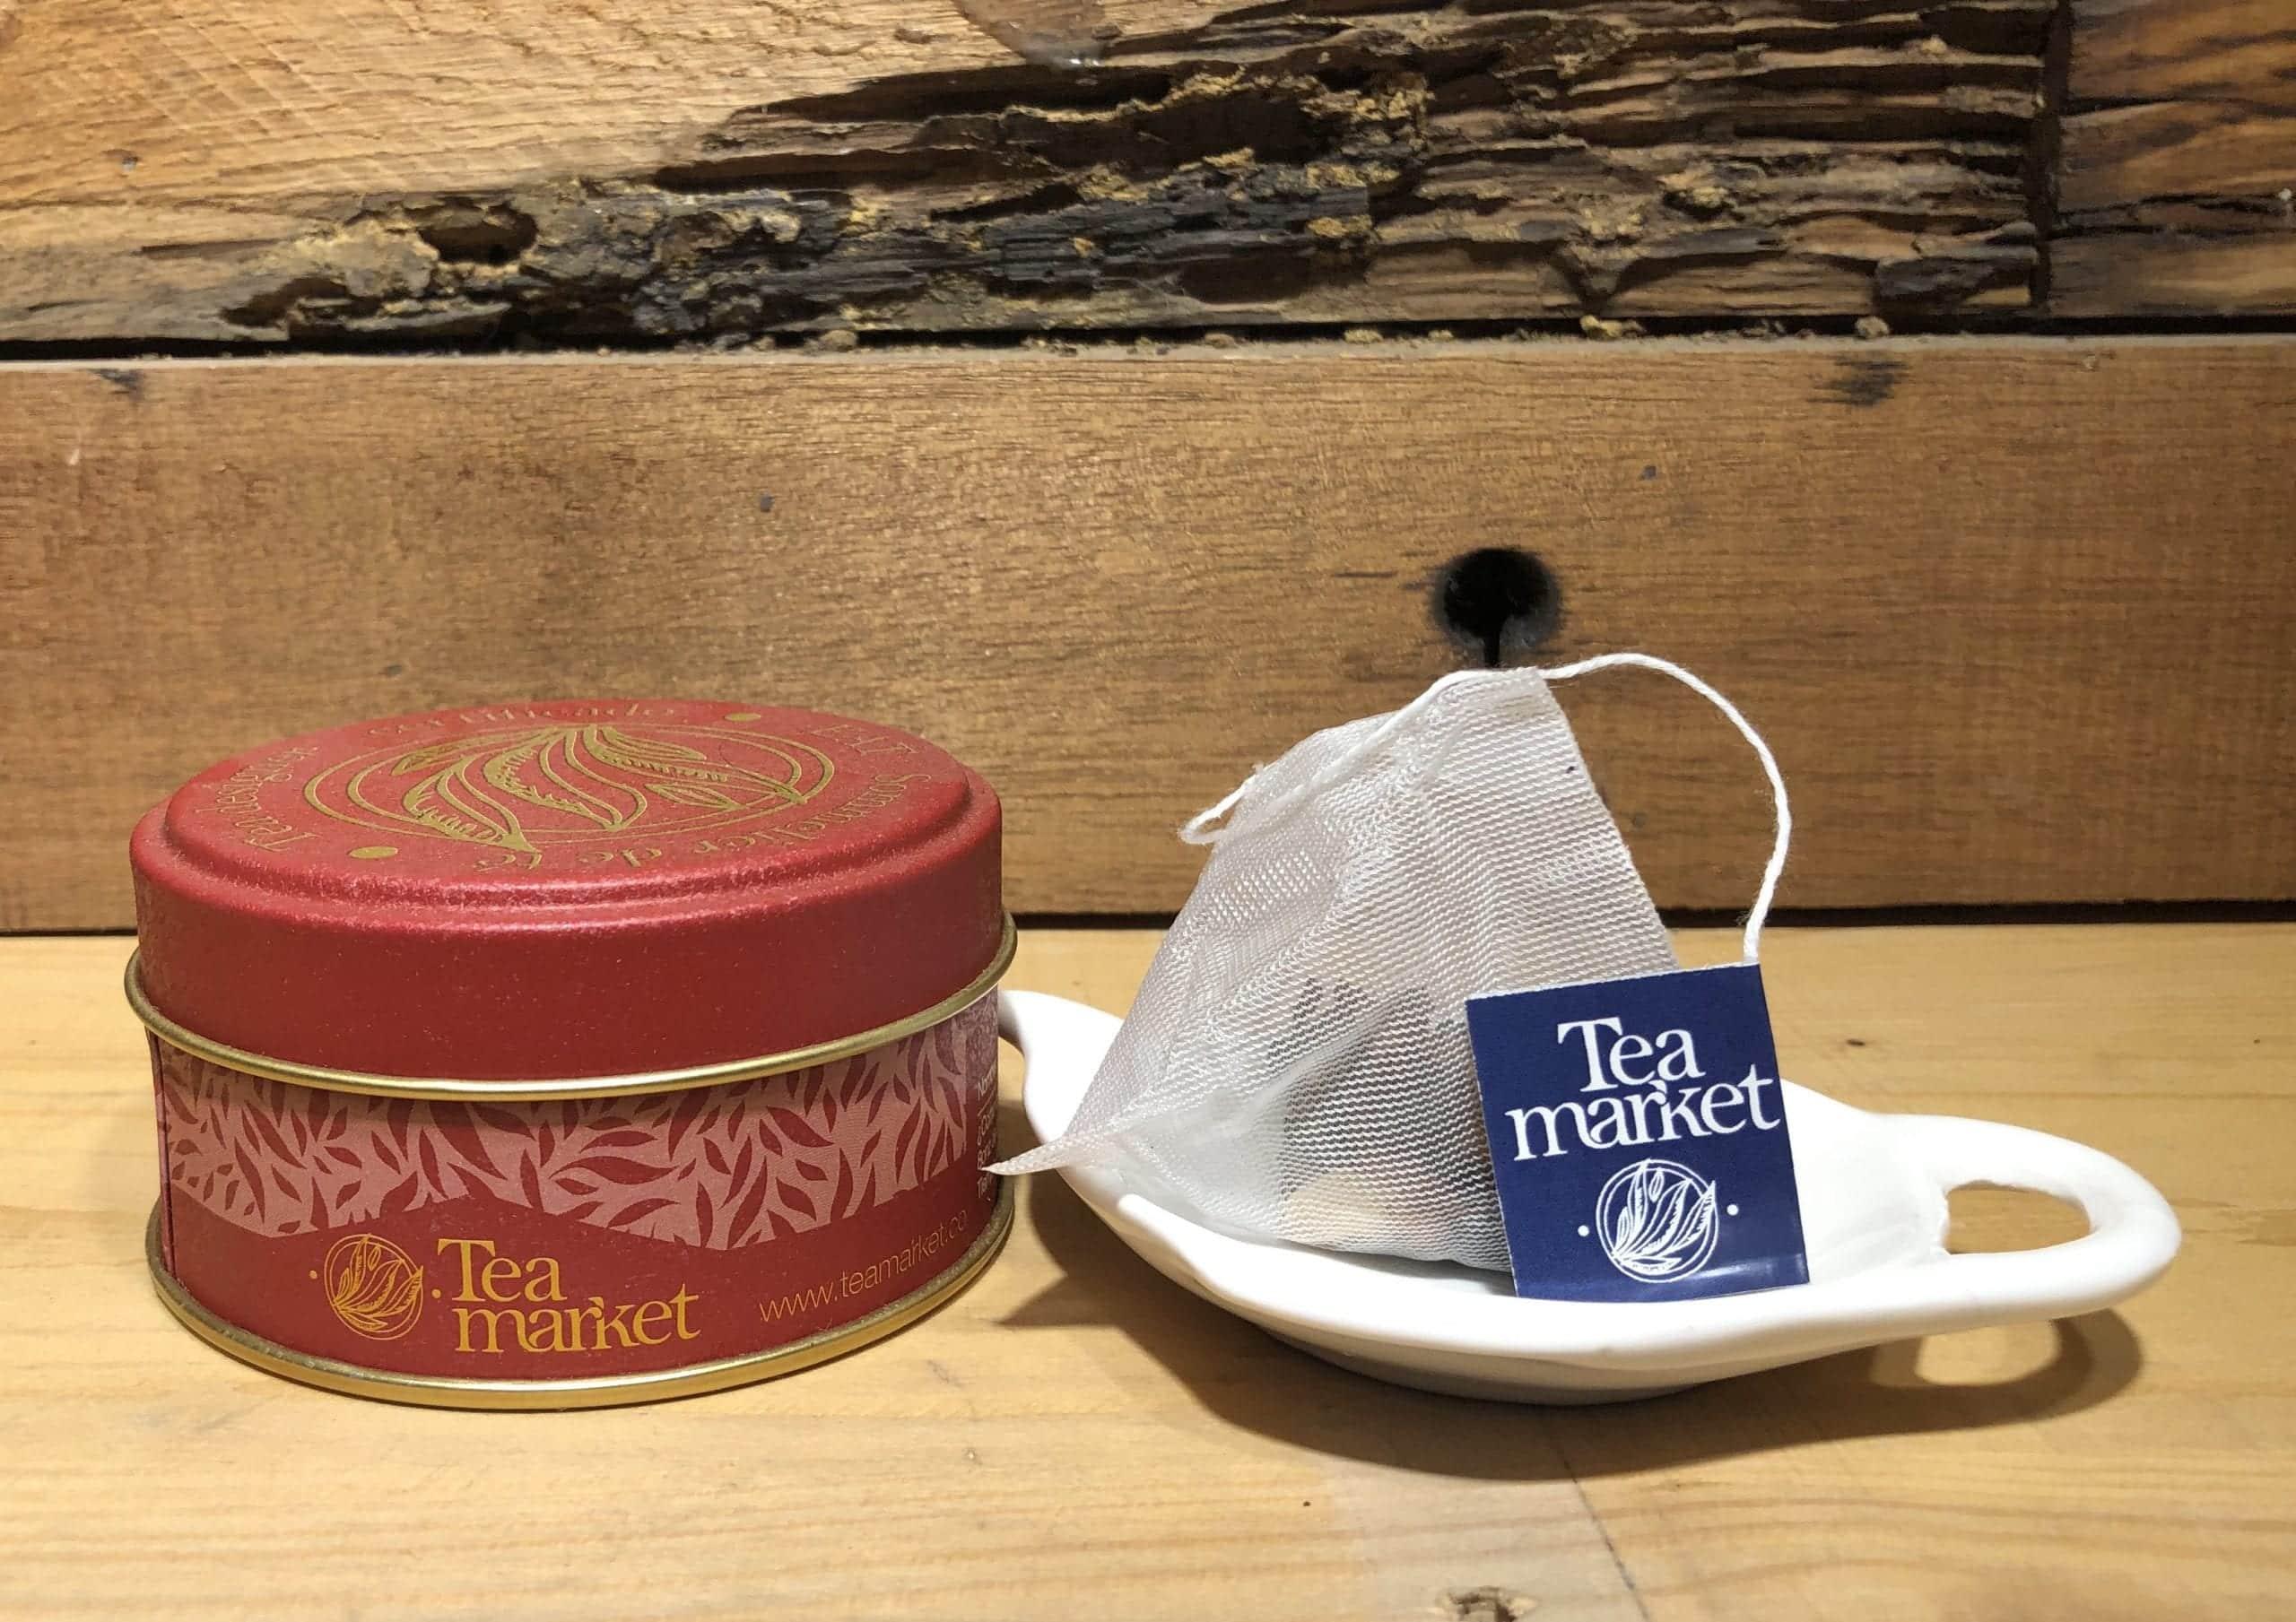 bolsas de te sabor fresa kiwi tea market